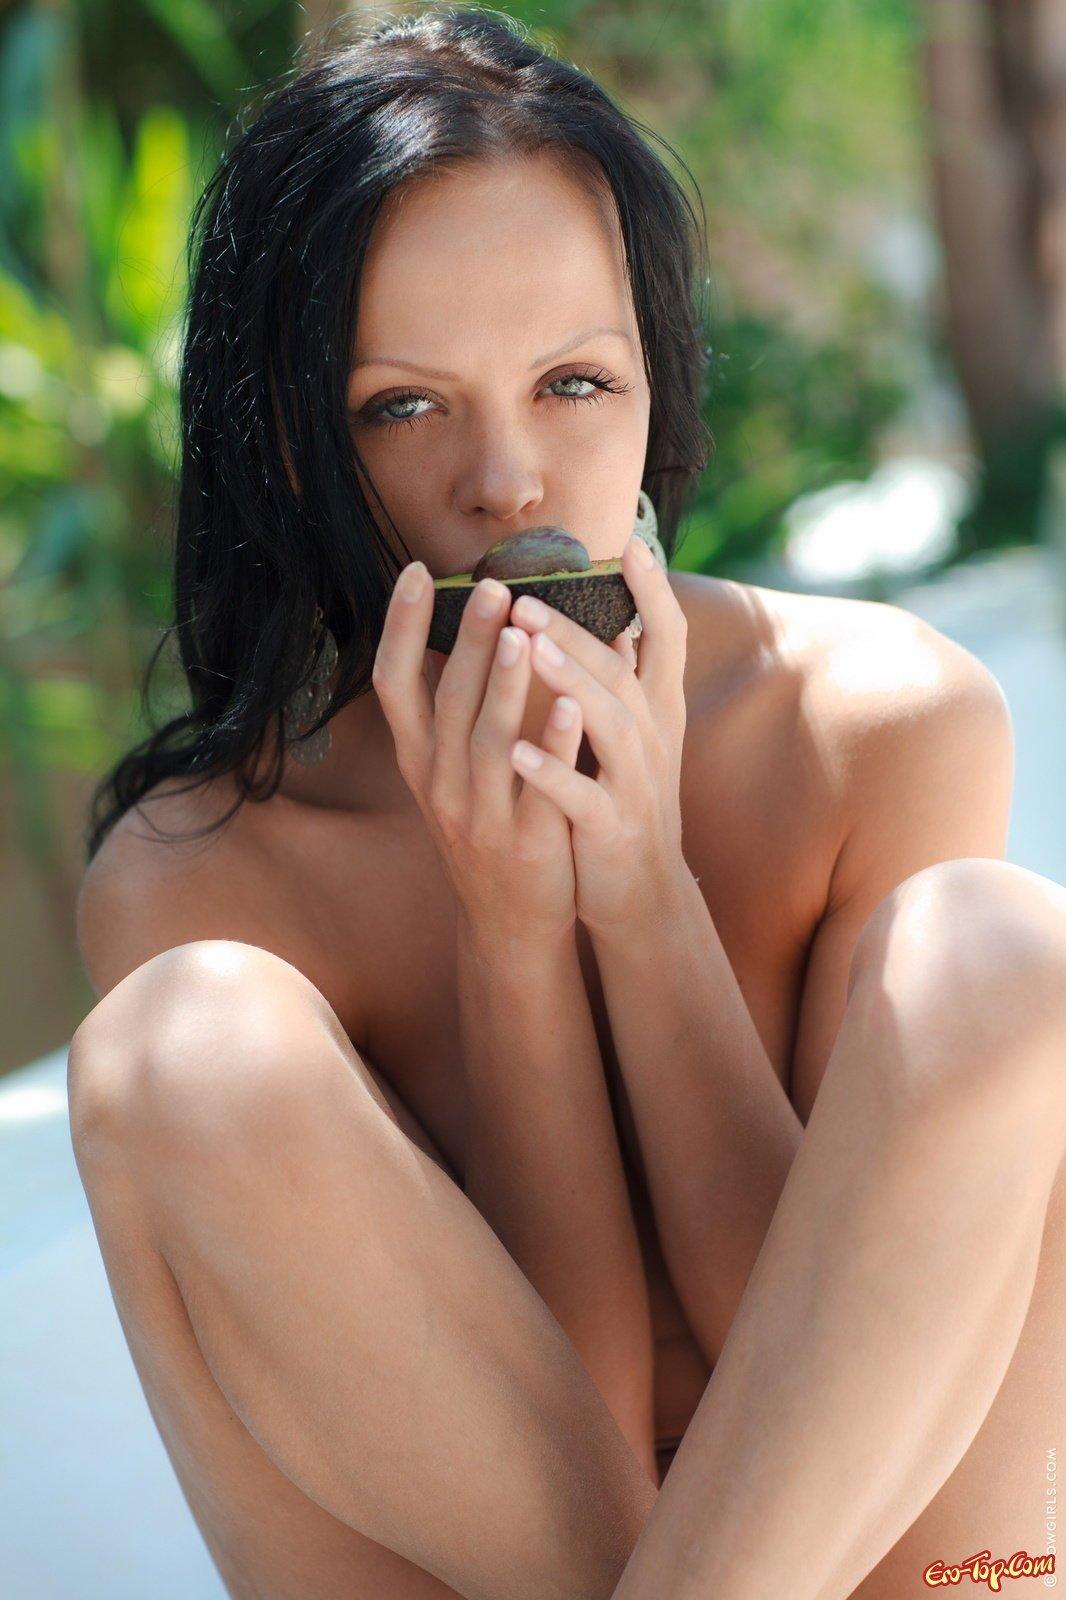 Ухоженная милашка обнажила соблазнительное тело секс фото